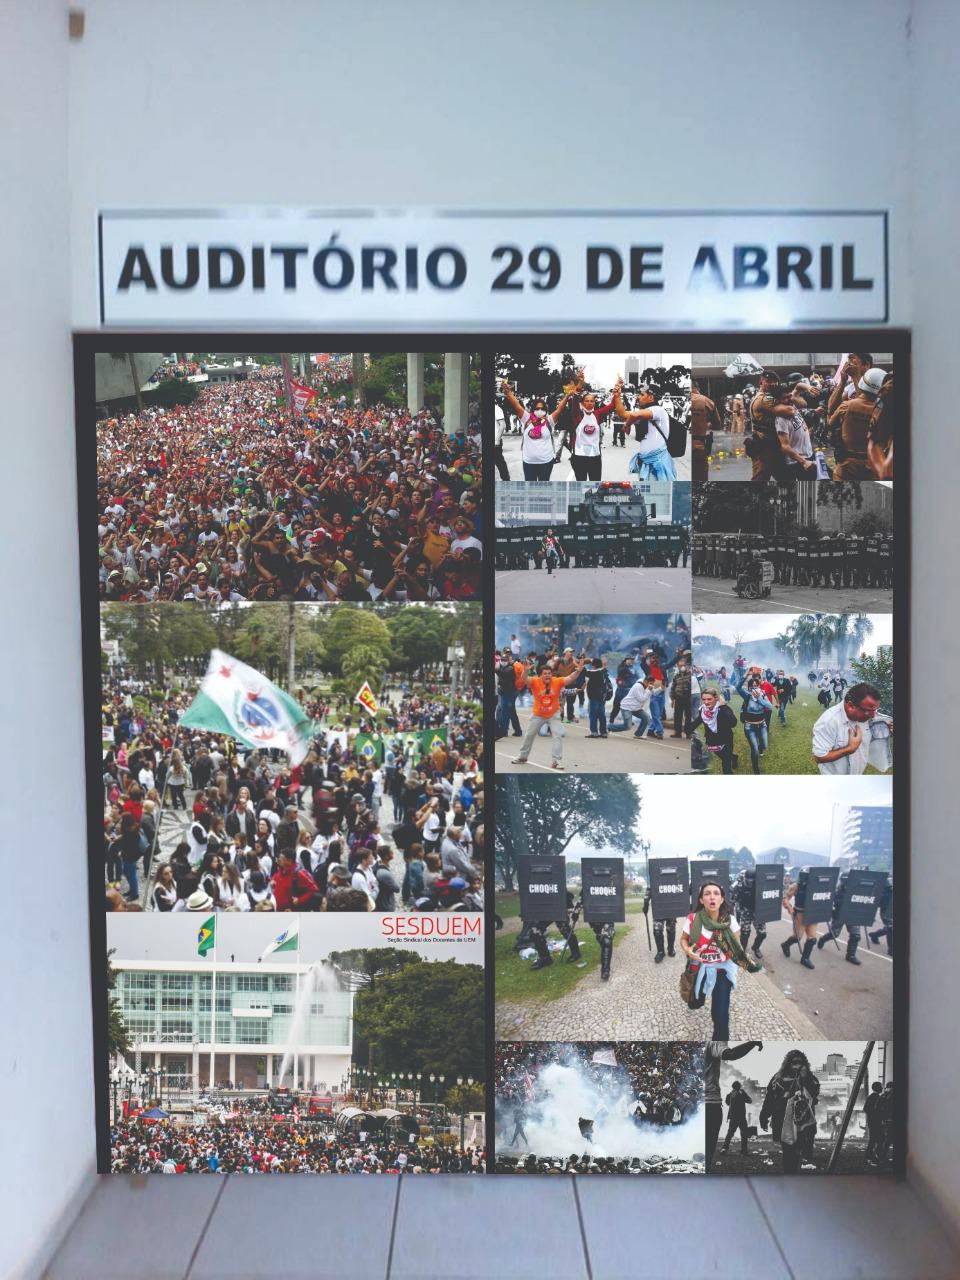 Auditório é nomeado para simbolizar a resistência contra o Massacre de 29 de abril